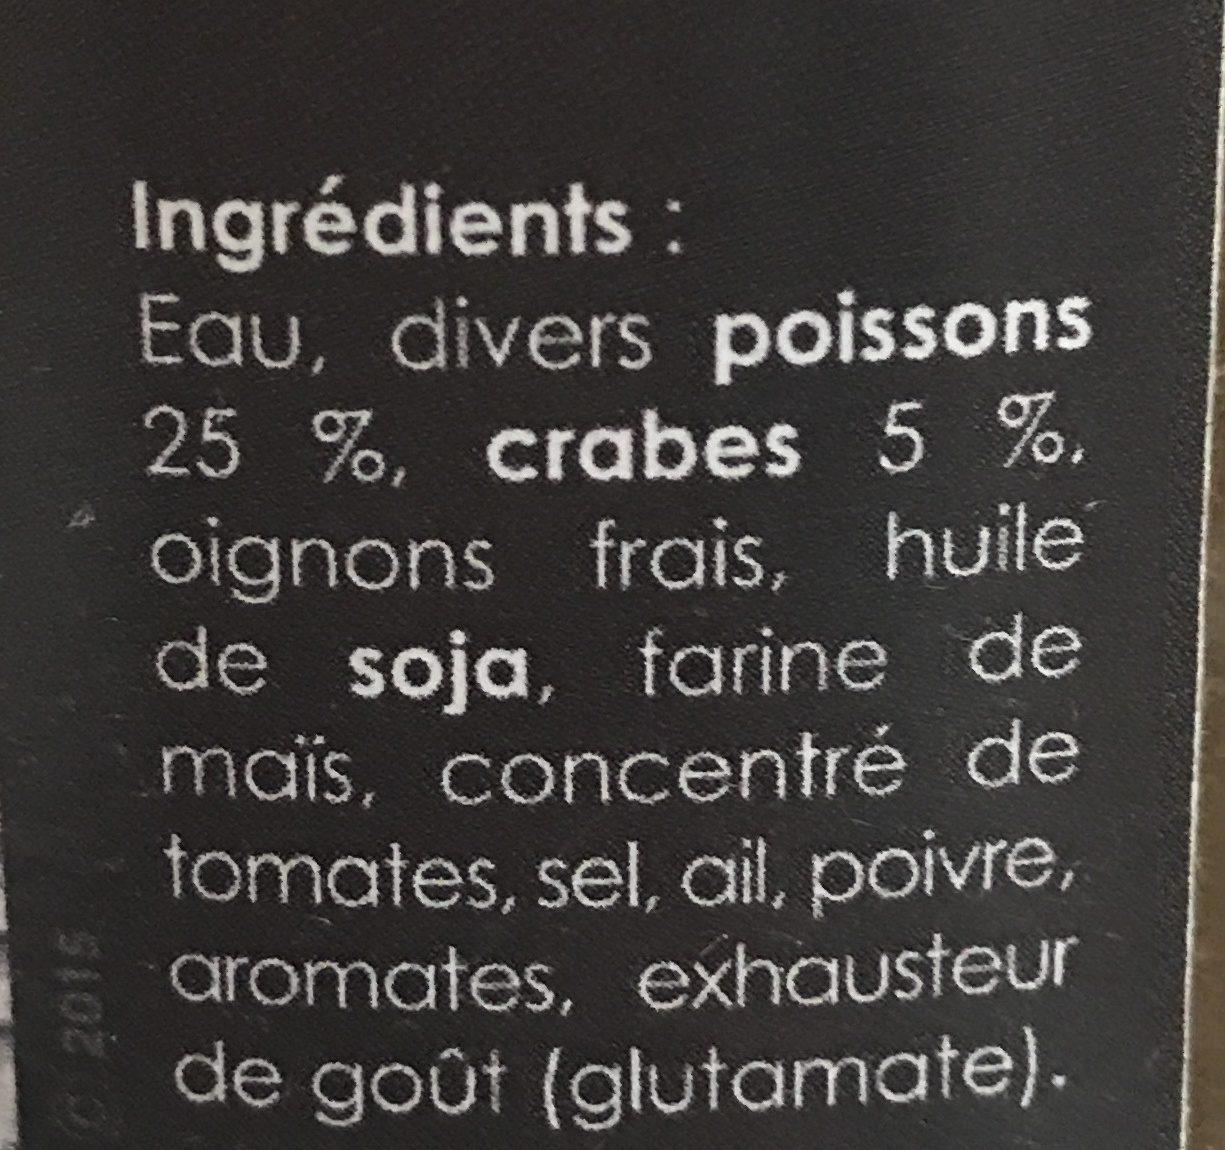 Soupe de poissons aux crabes - Ingrédients - fr